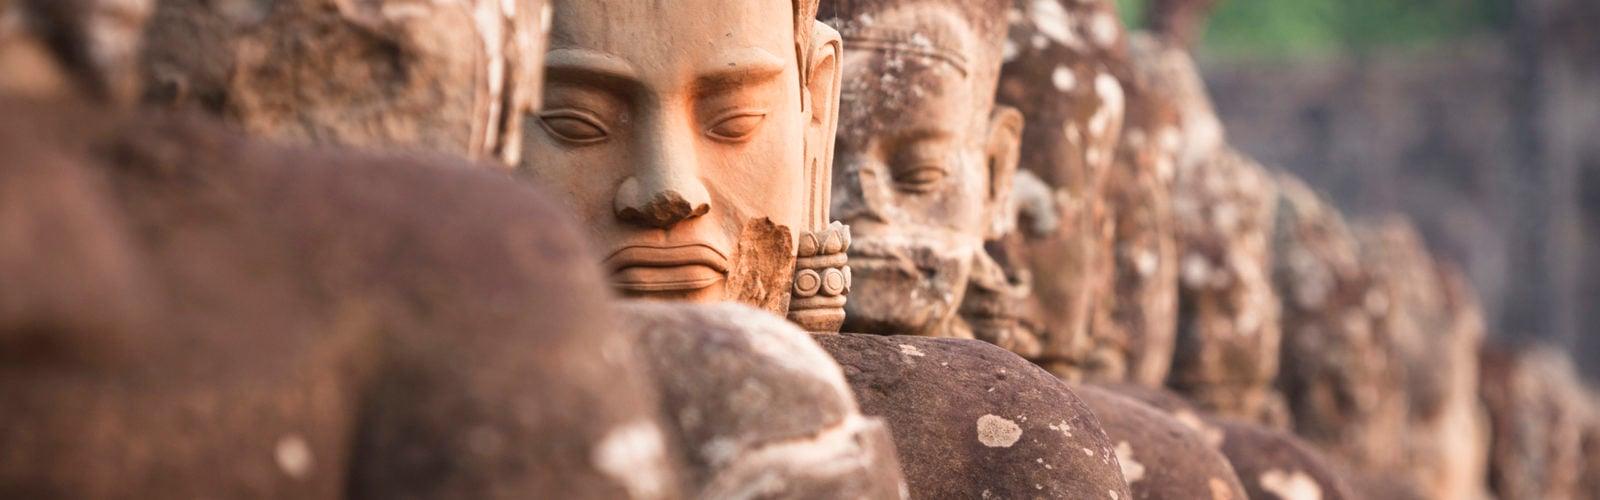 bayon-temple-faces-cambodia